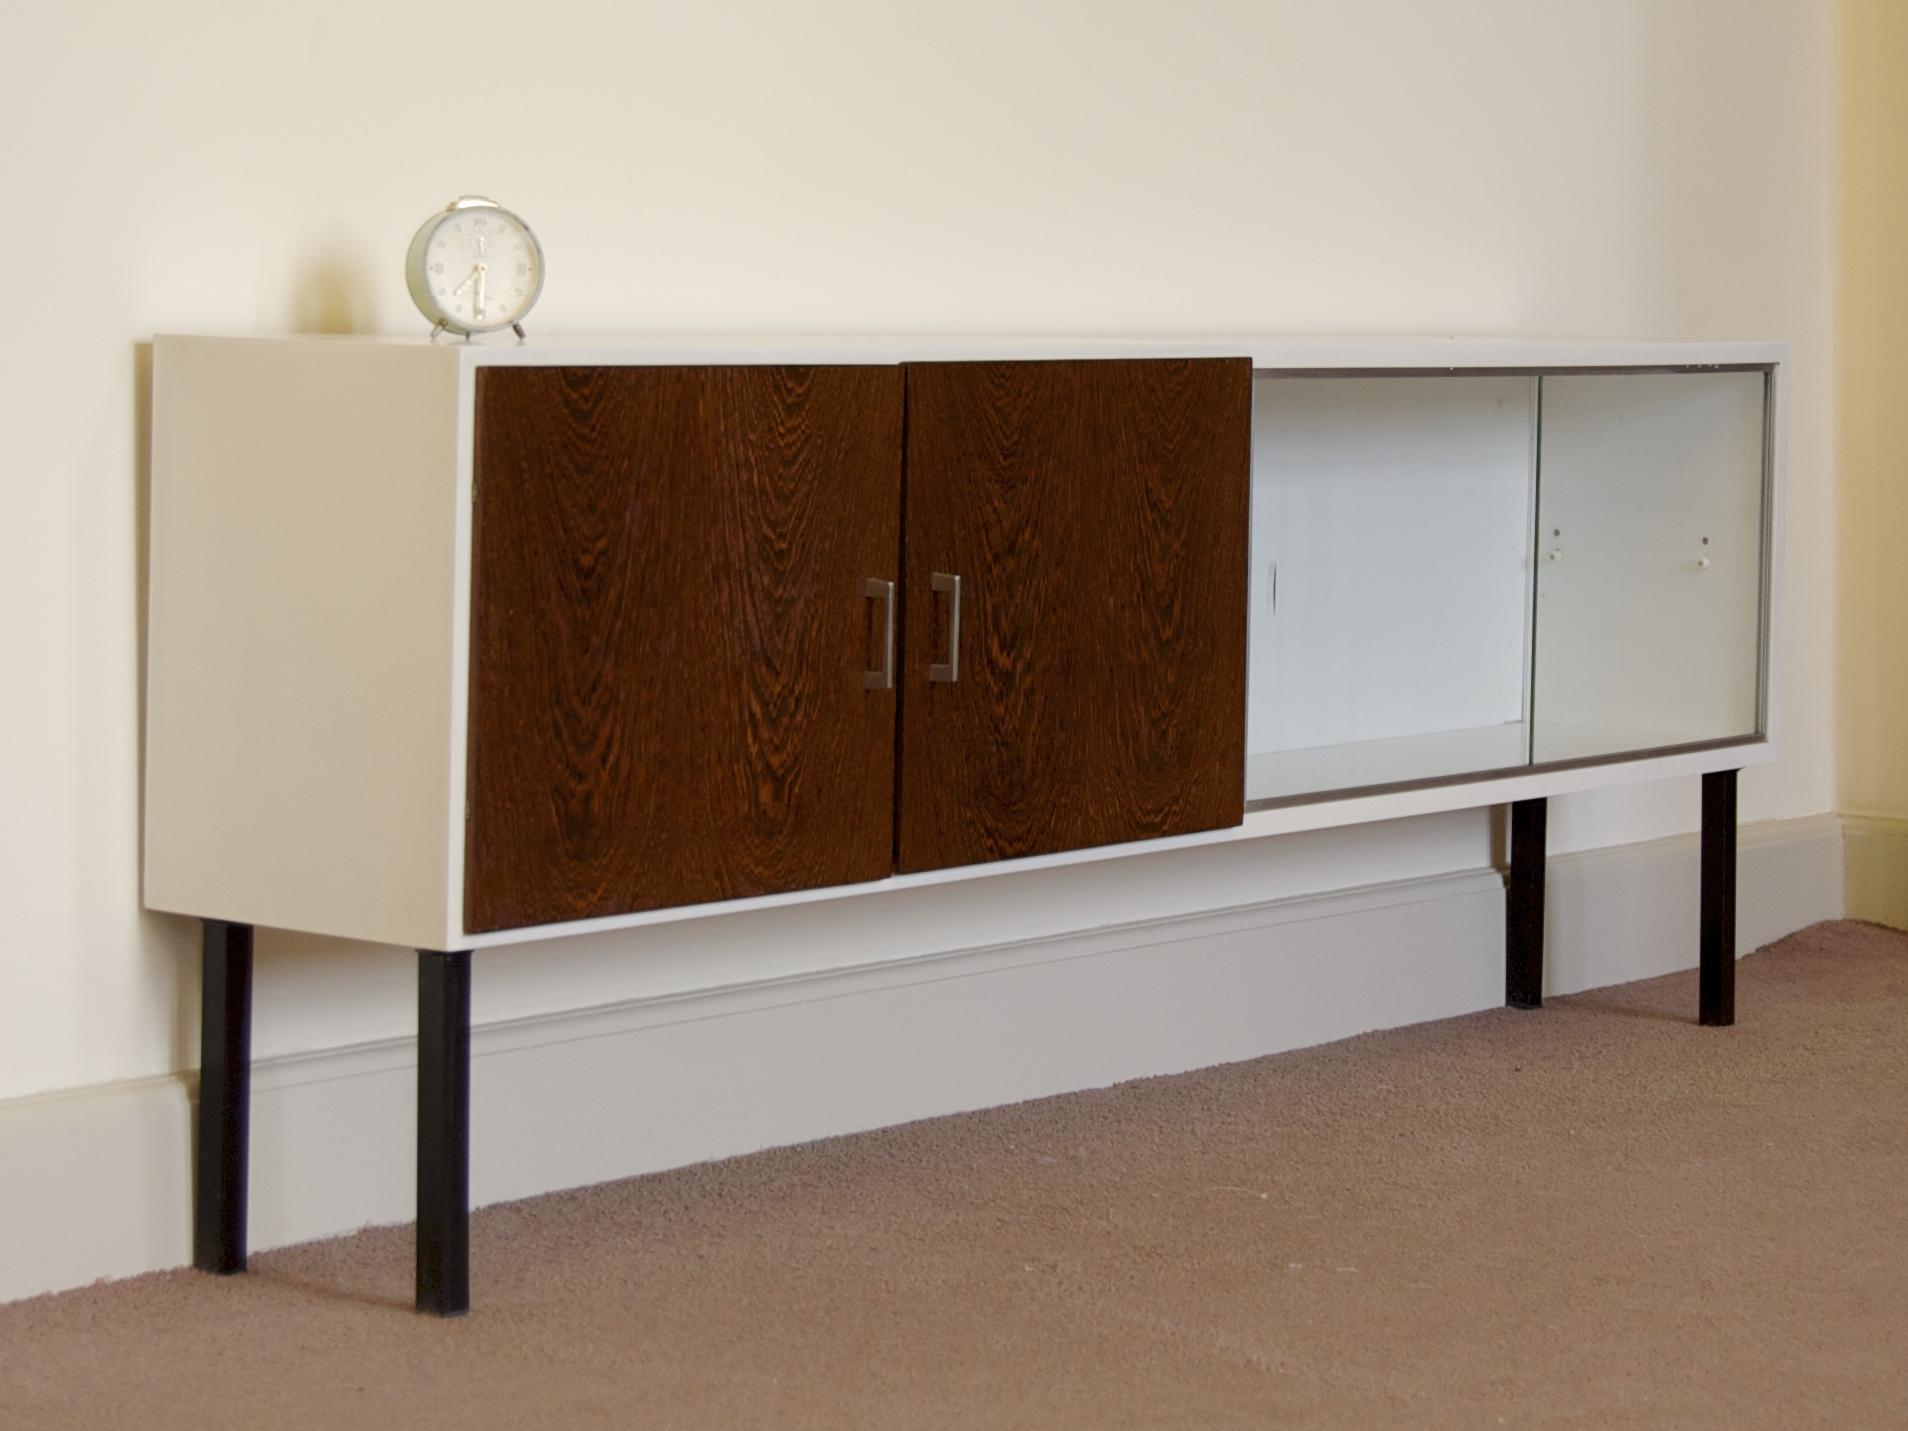 design lowboard tv meubel met palissander deurtjes gebroeders van duijn. Black Bedroom Furniture Sets. Home Design Ideas